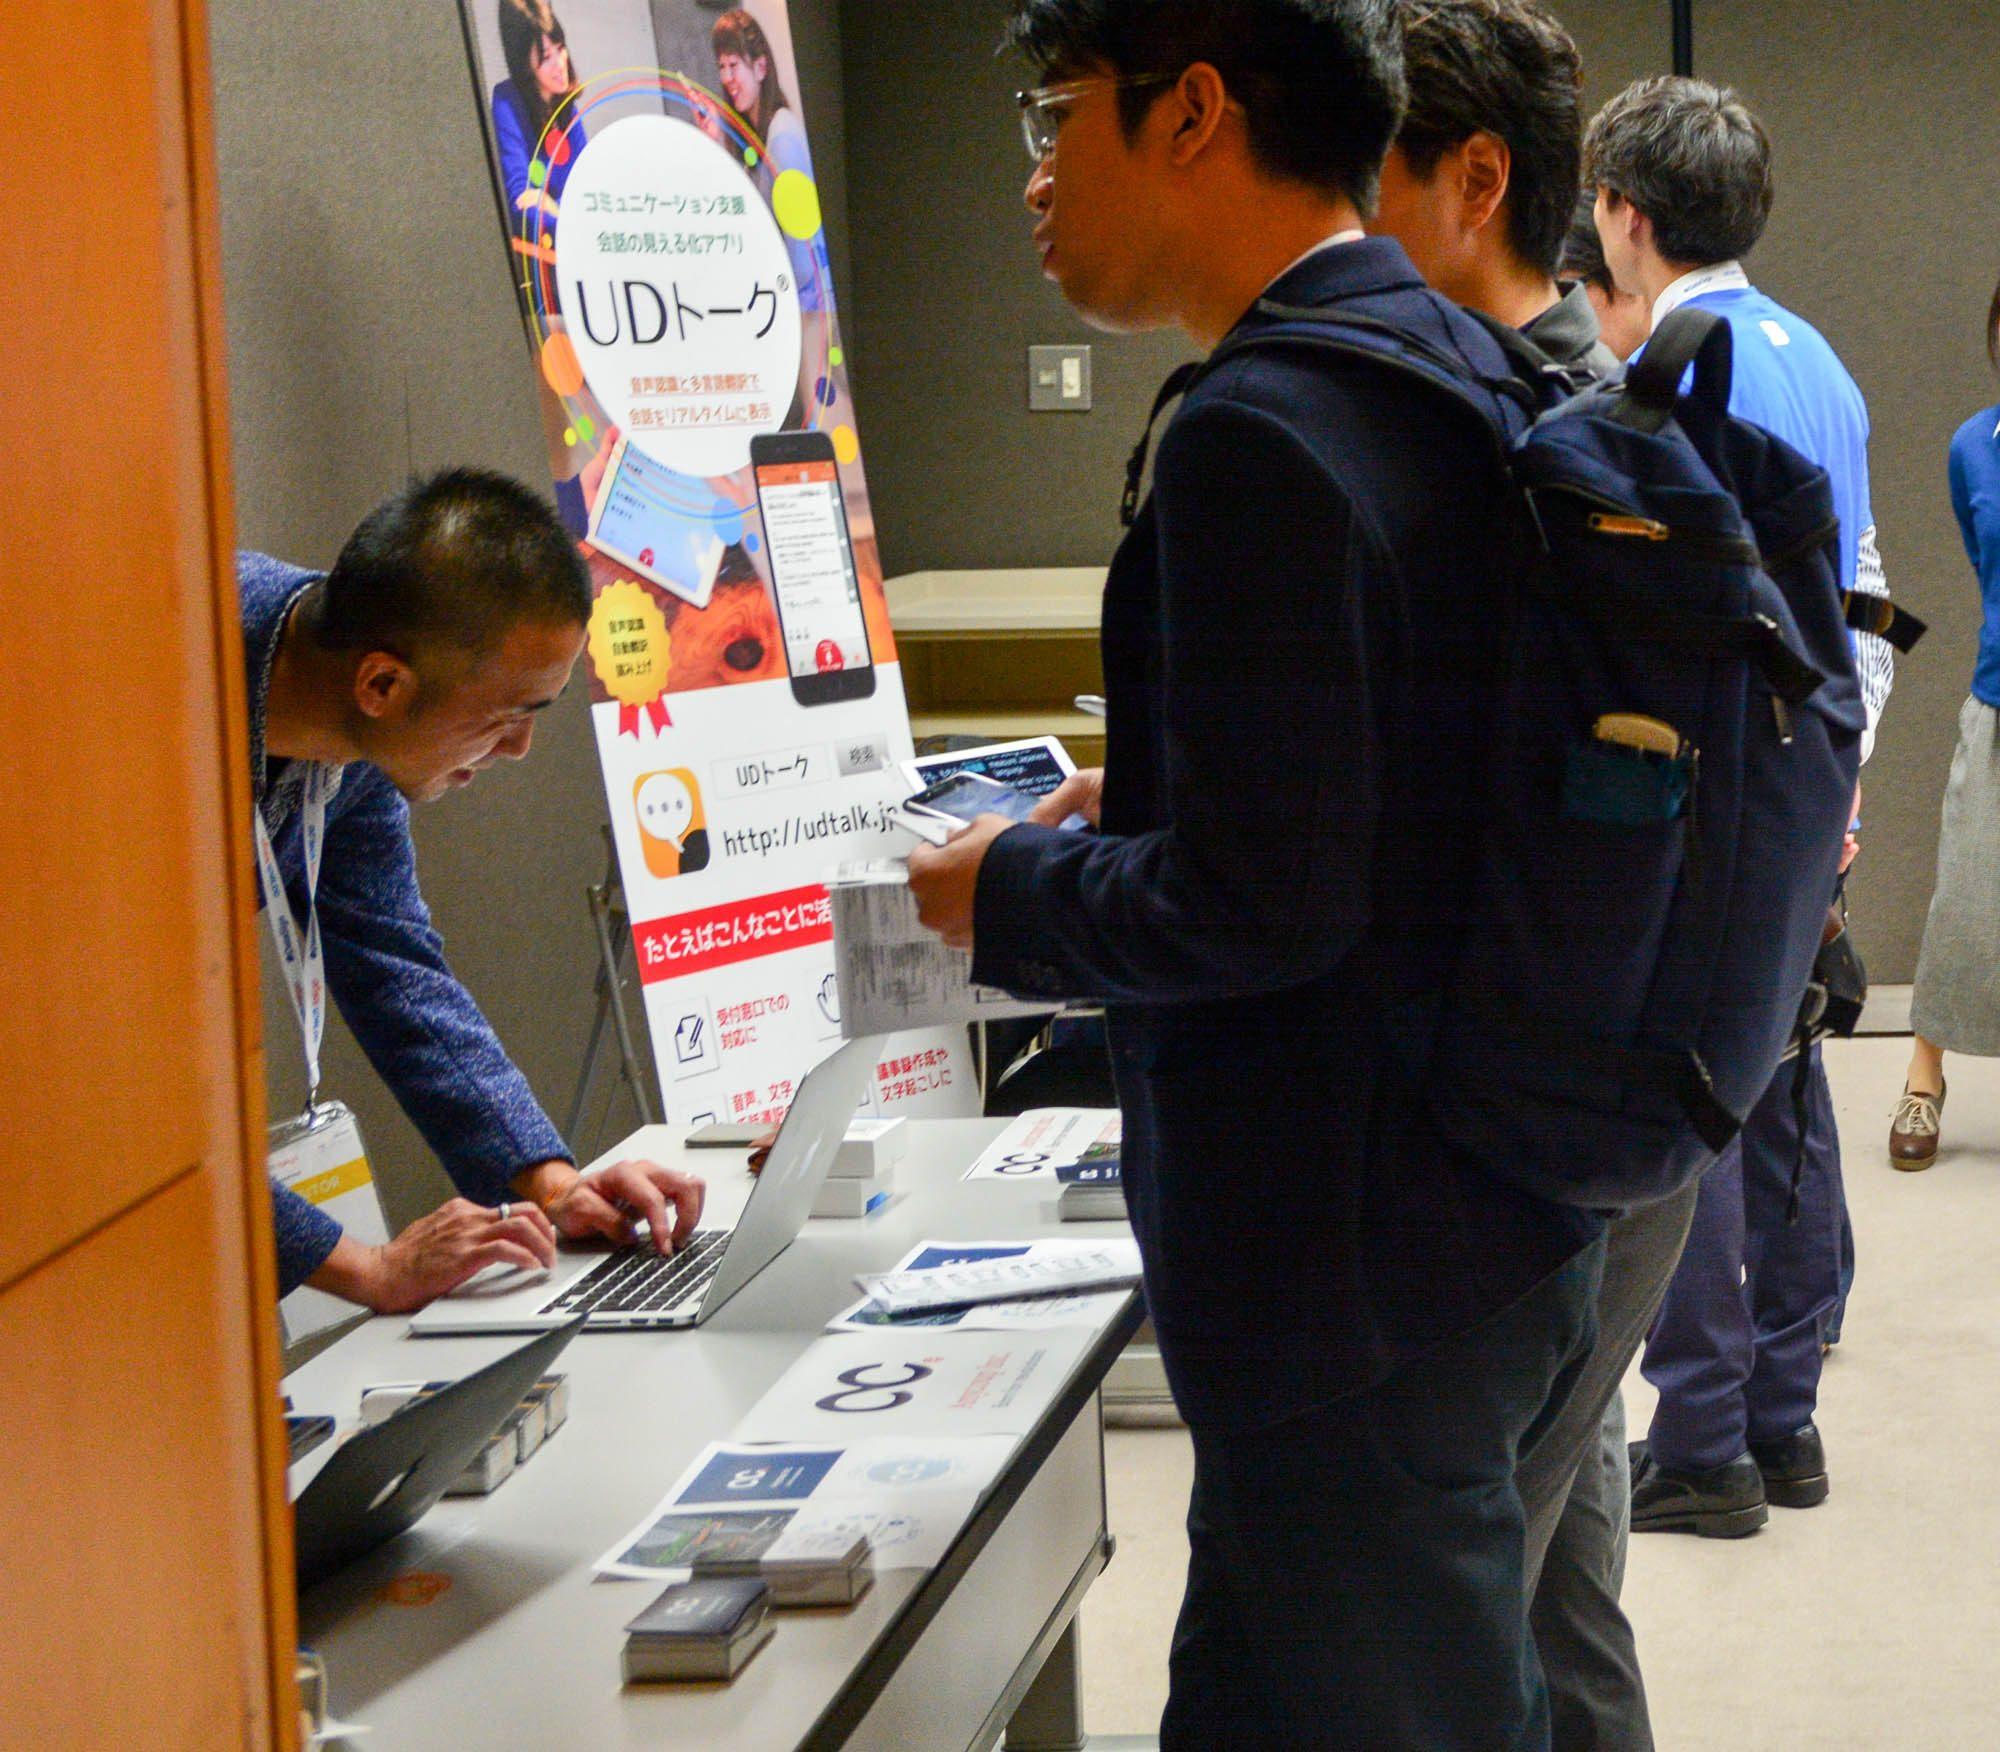 TechWave Summit 開幕、17日・18日アドテック東京のパスでも入場いただけます